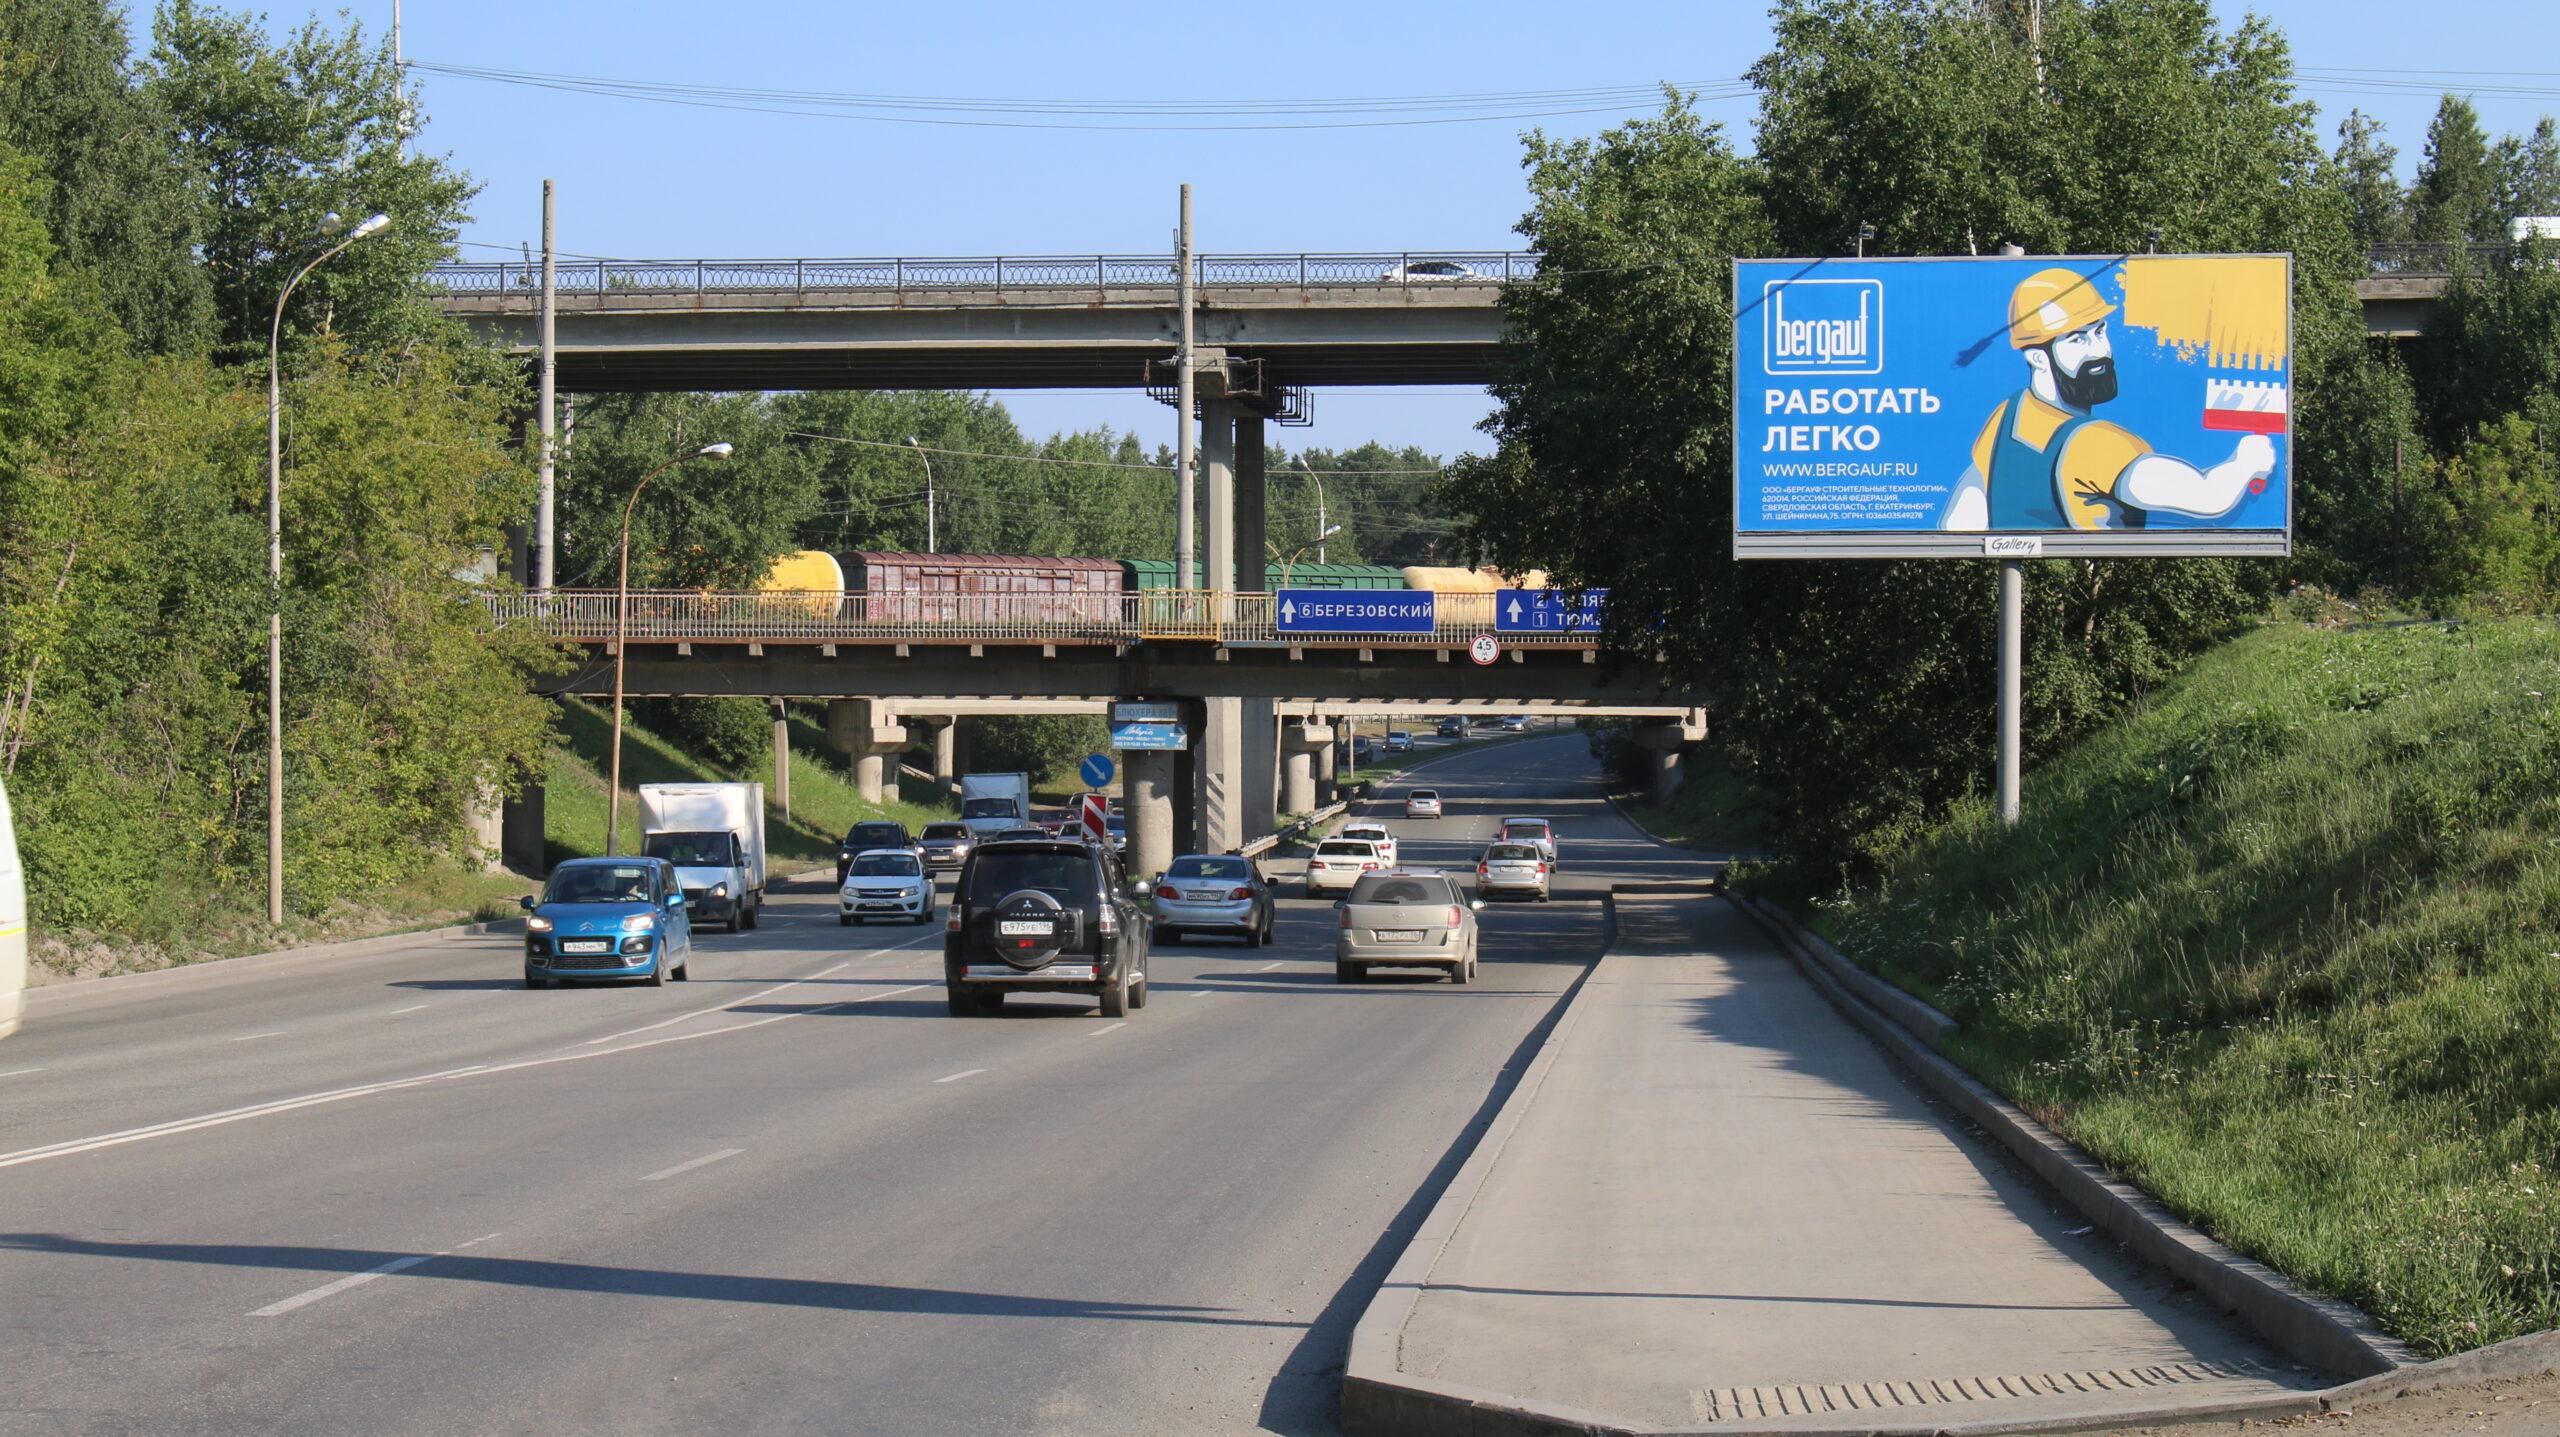 Наружная реклама в Екатеринбурге, в городах области и на трассах